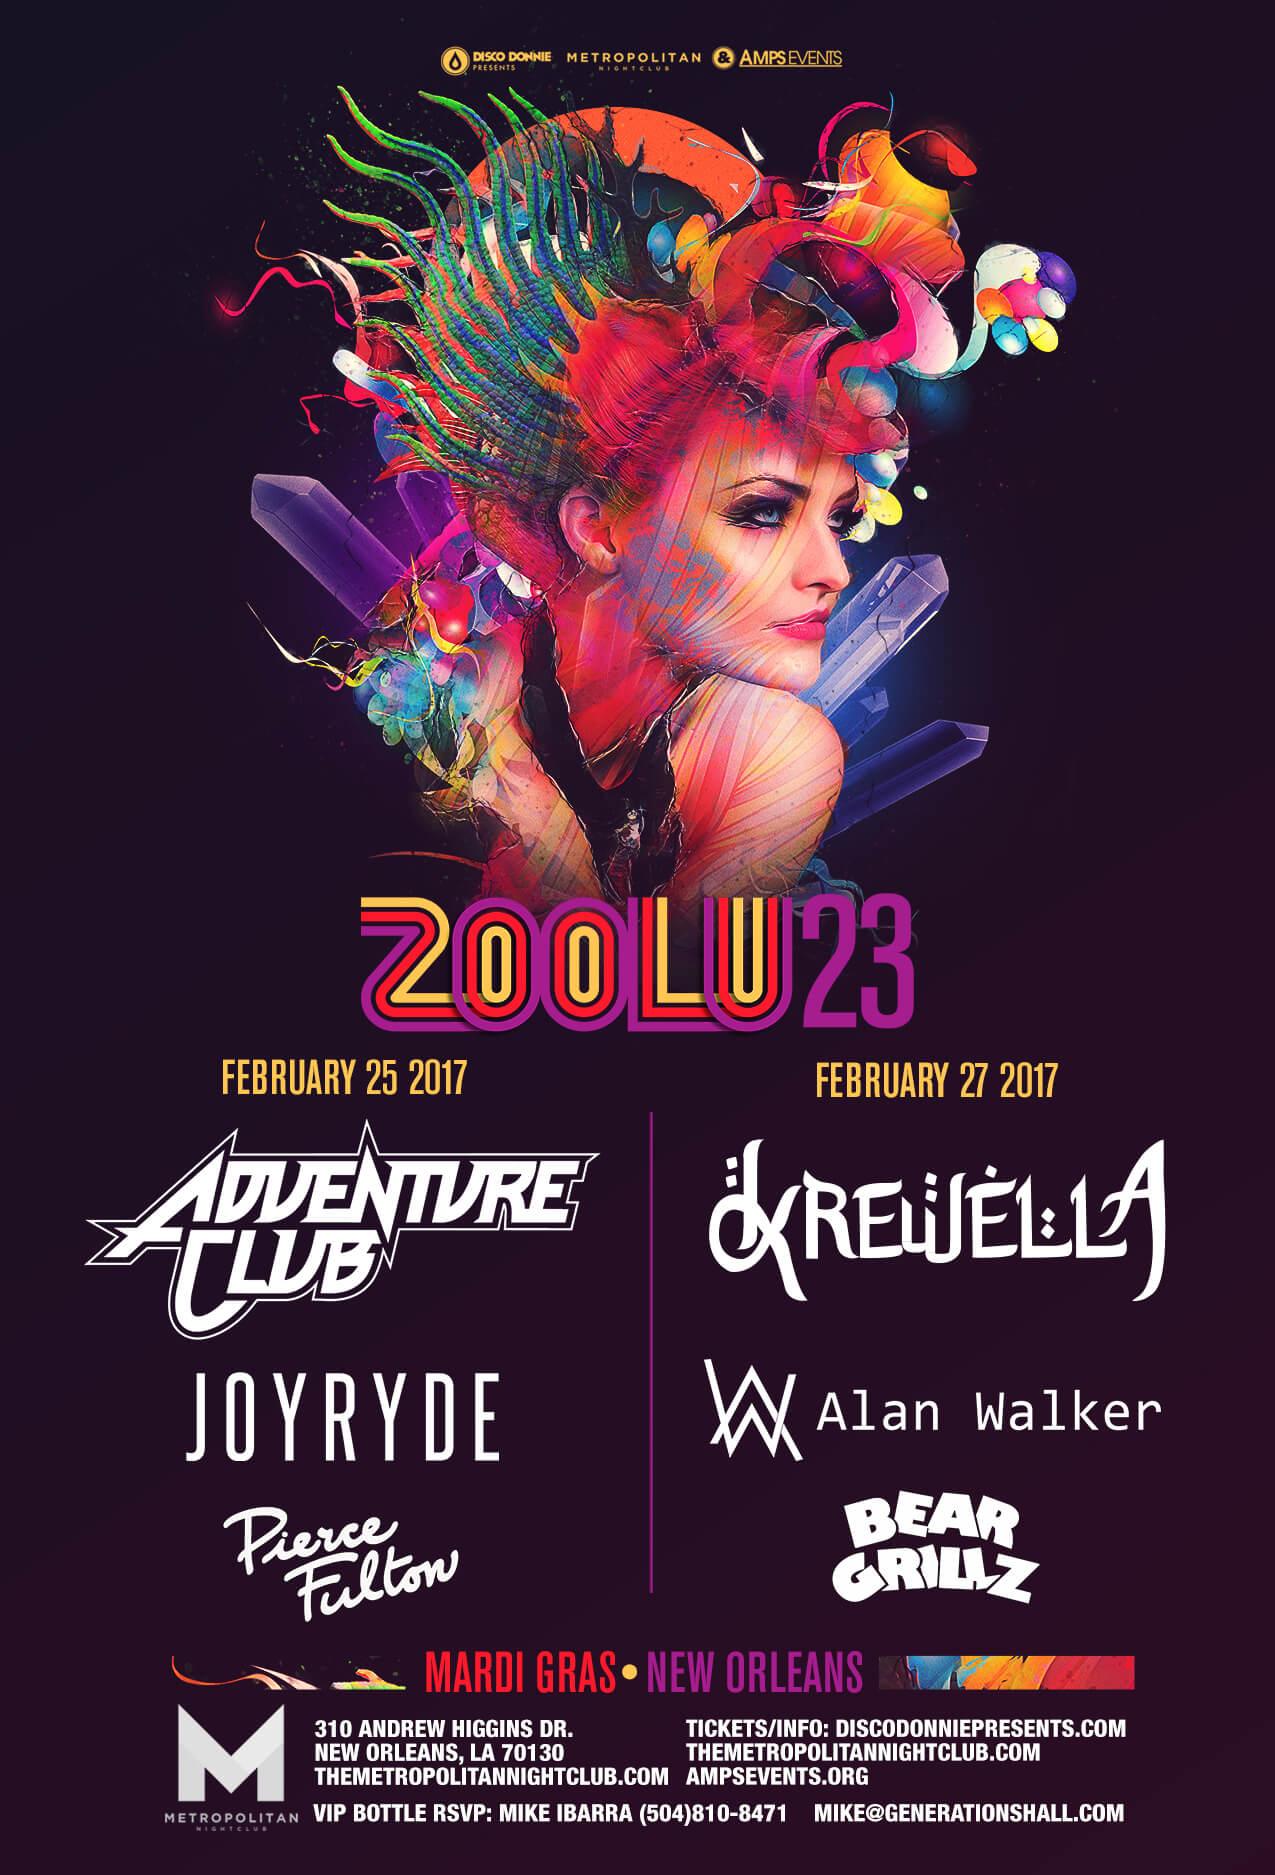 Zoolu 23 is Coming to The Metropolitan Nightclub in New Orleans!